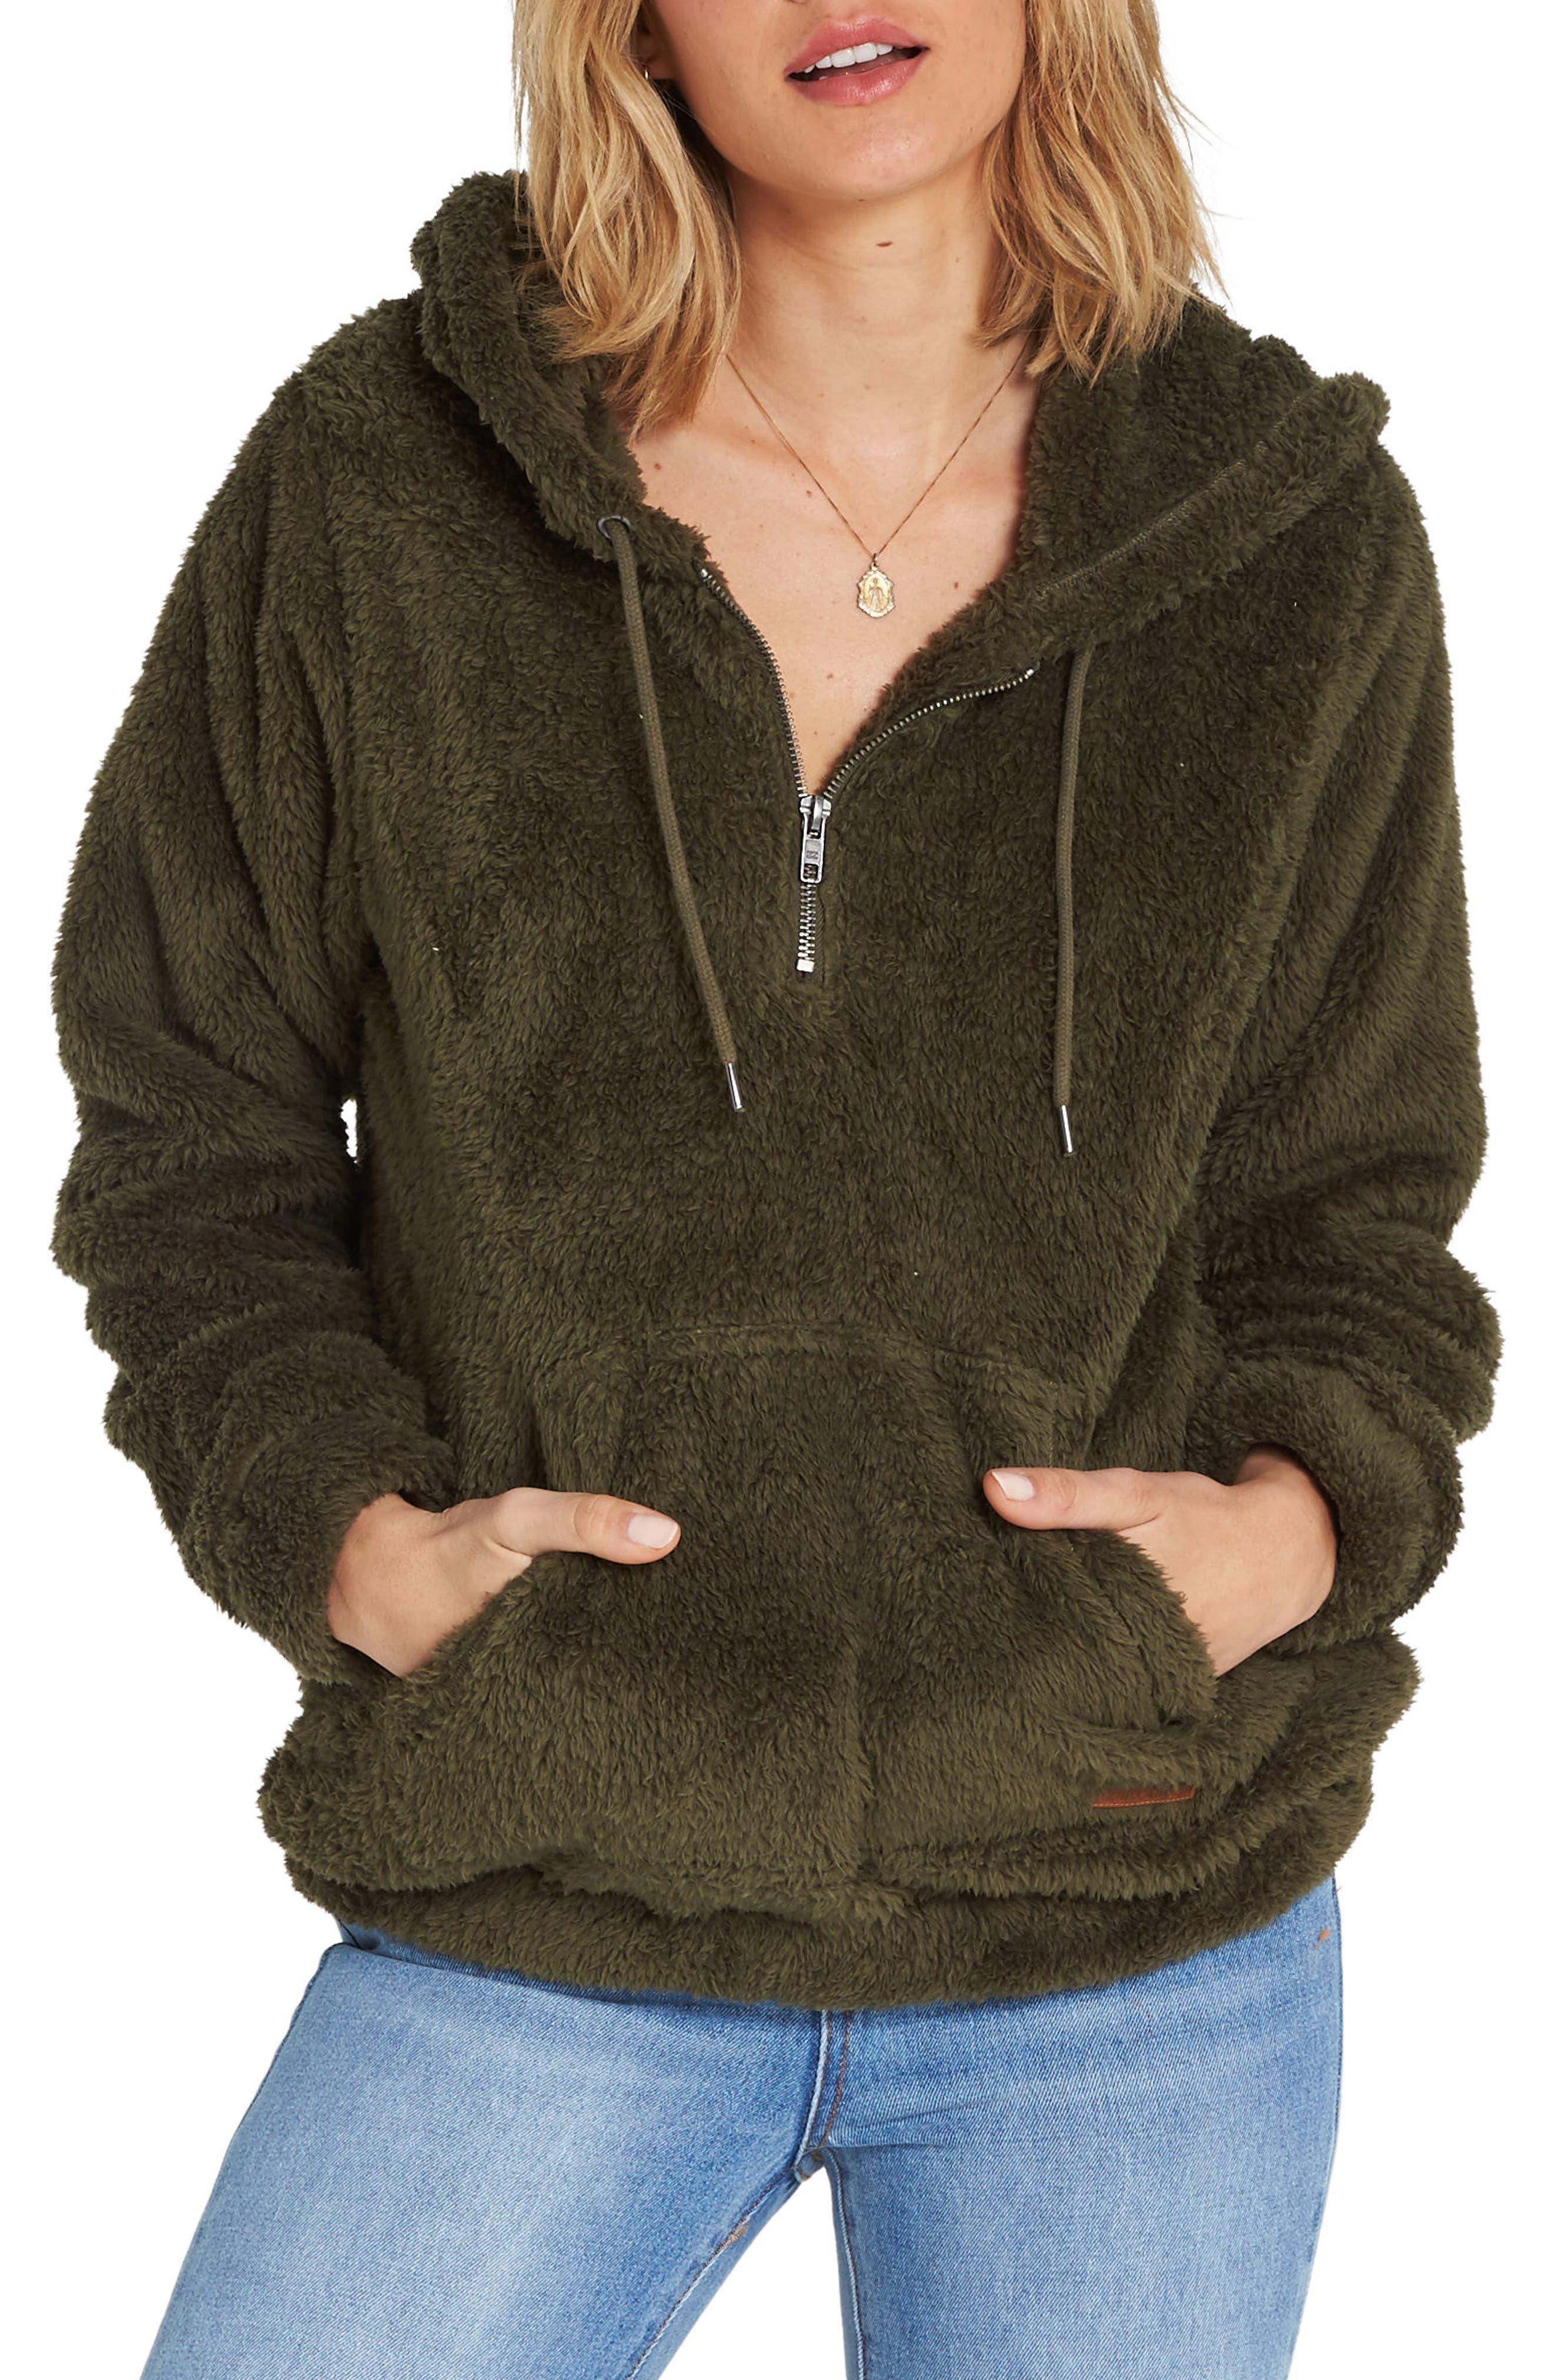 Cozy for Keeps Fleece Zip Hoodie,                         Main,                         color, OLIVE